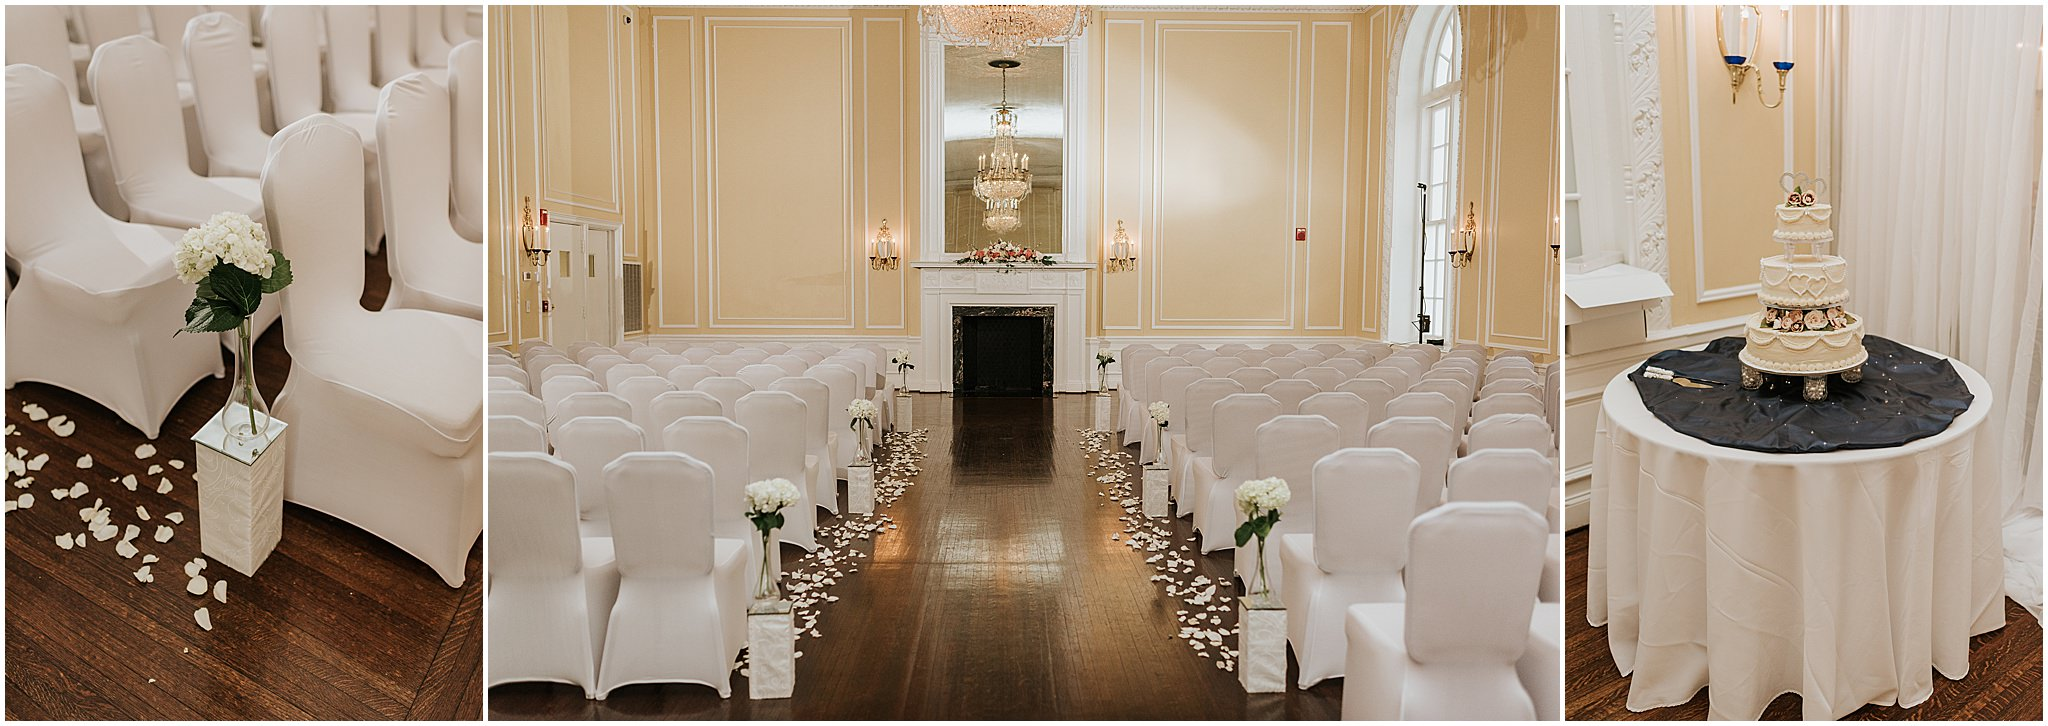 Maria & Brandon The Patrick Henry Ballroom Roanoke VA 270